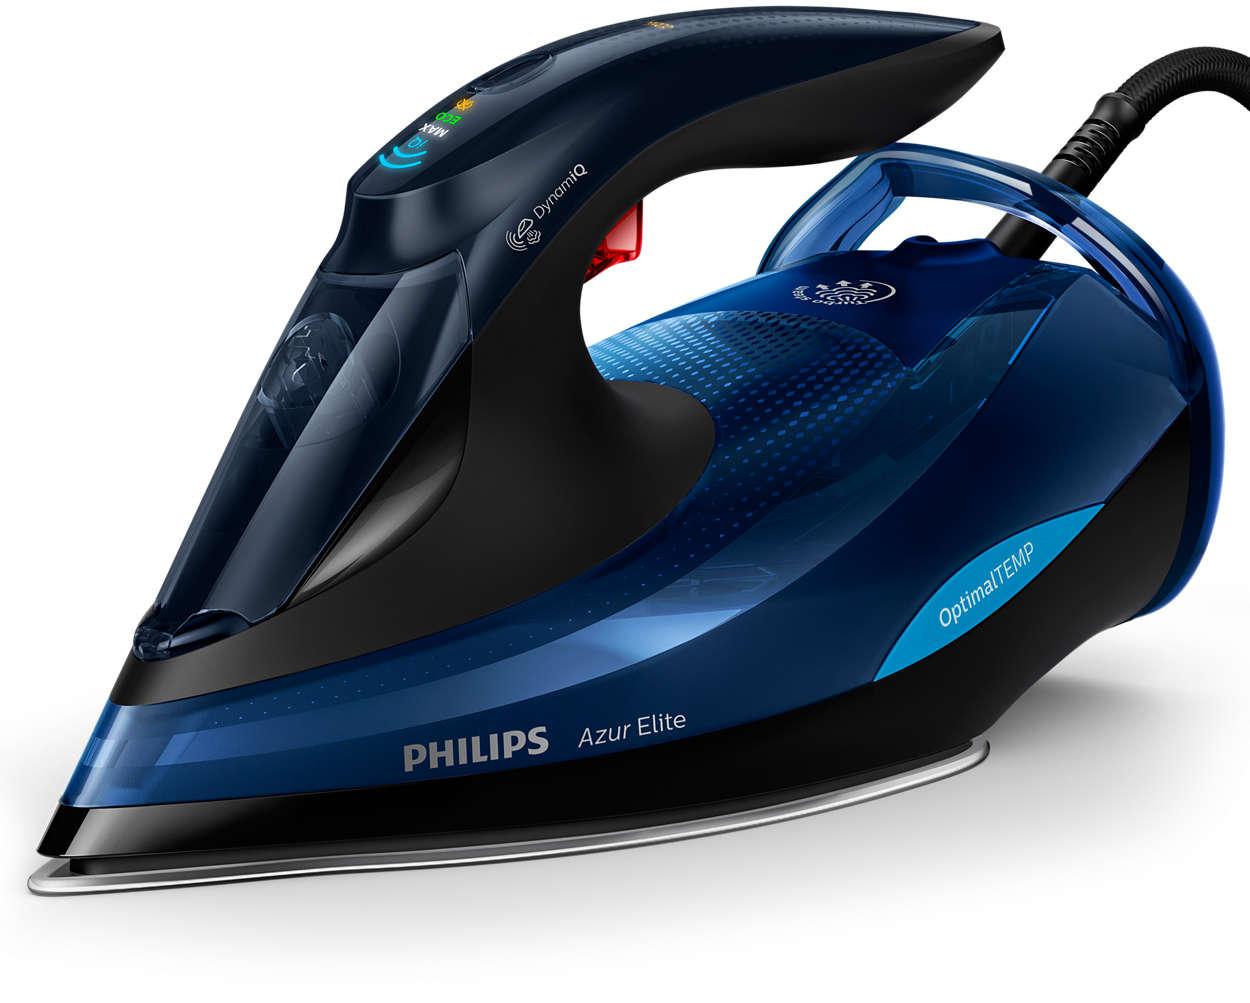 Philips mest kraftfulla ångstrykjärn, nu med smart sensor!